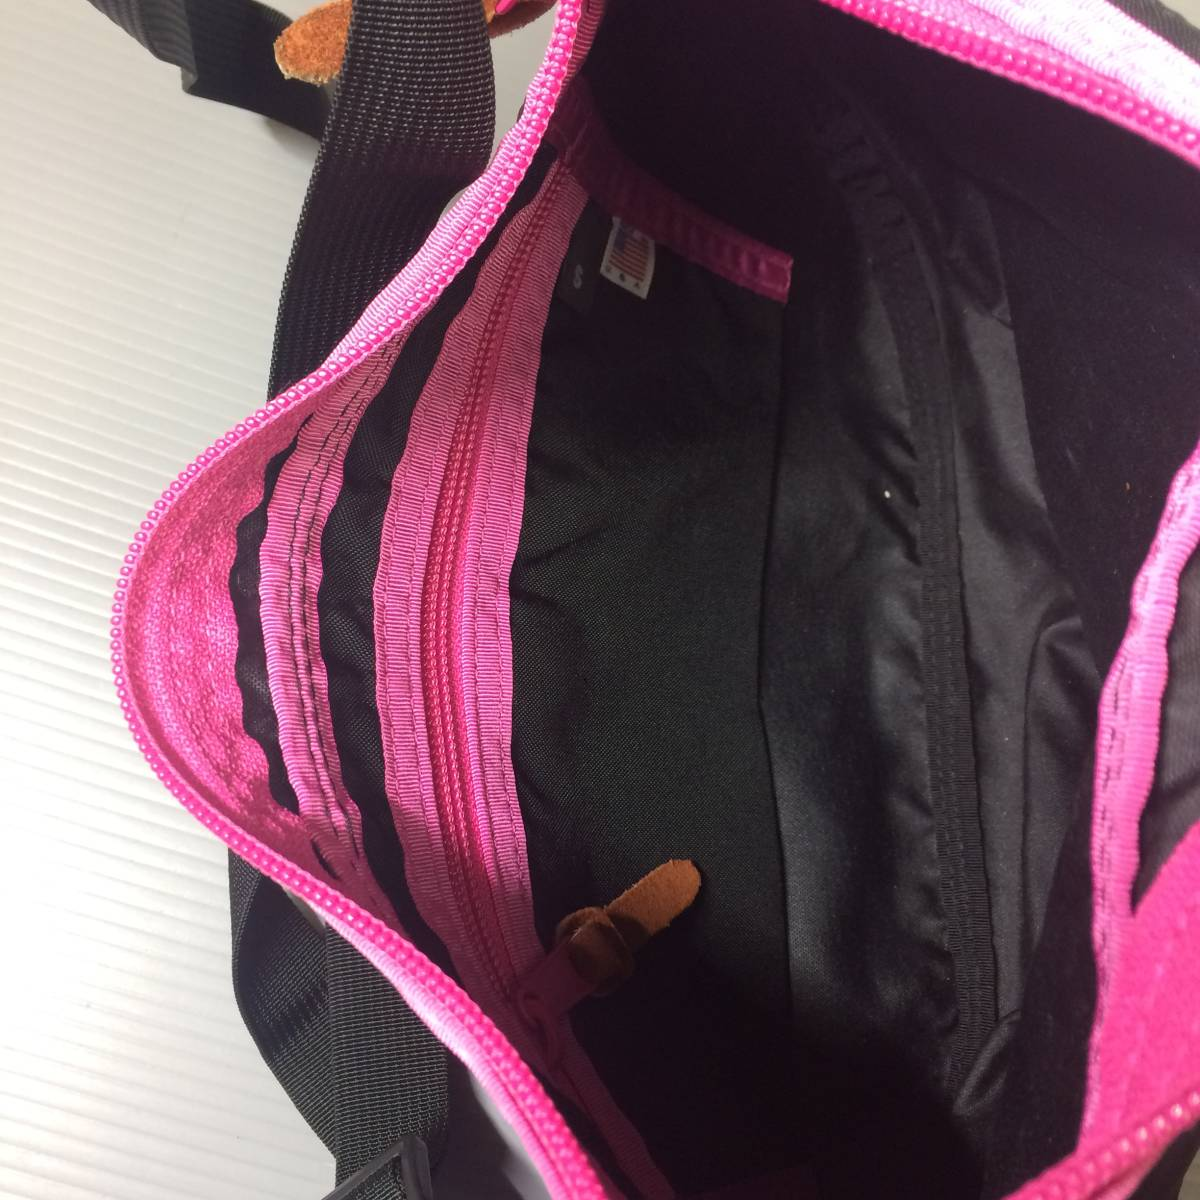 USA製 グレゴリー サッチェルバッグS GREGORY ブラック ピンク ショルダーバッグ サッチェルS